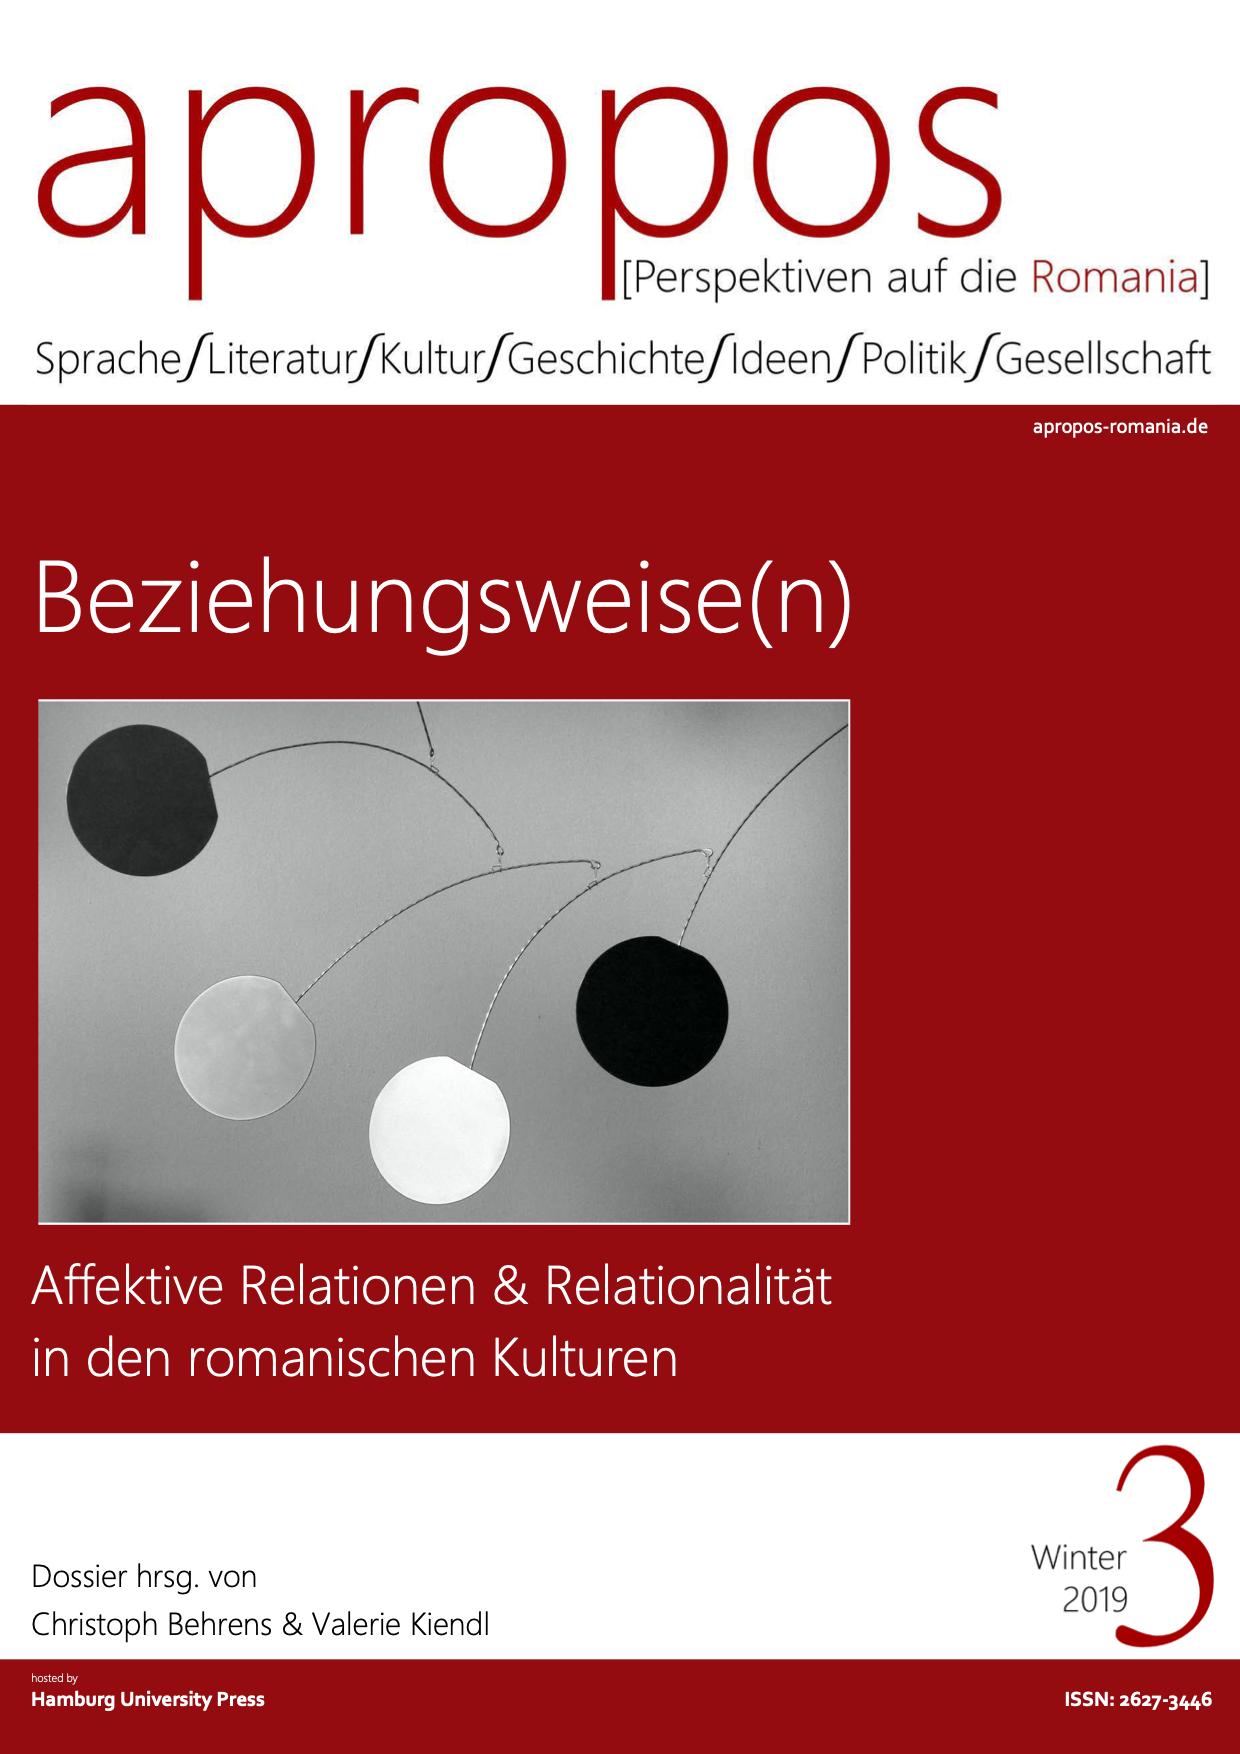 View Nr. 3 (2019): Beziehungsweise(n) – Affektive Relationen und Relationalität in den romanischen Kulturen